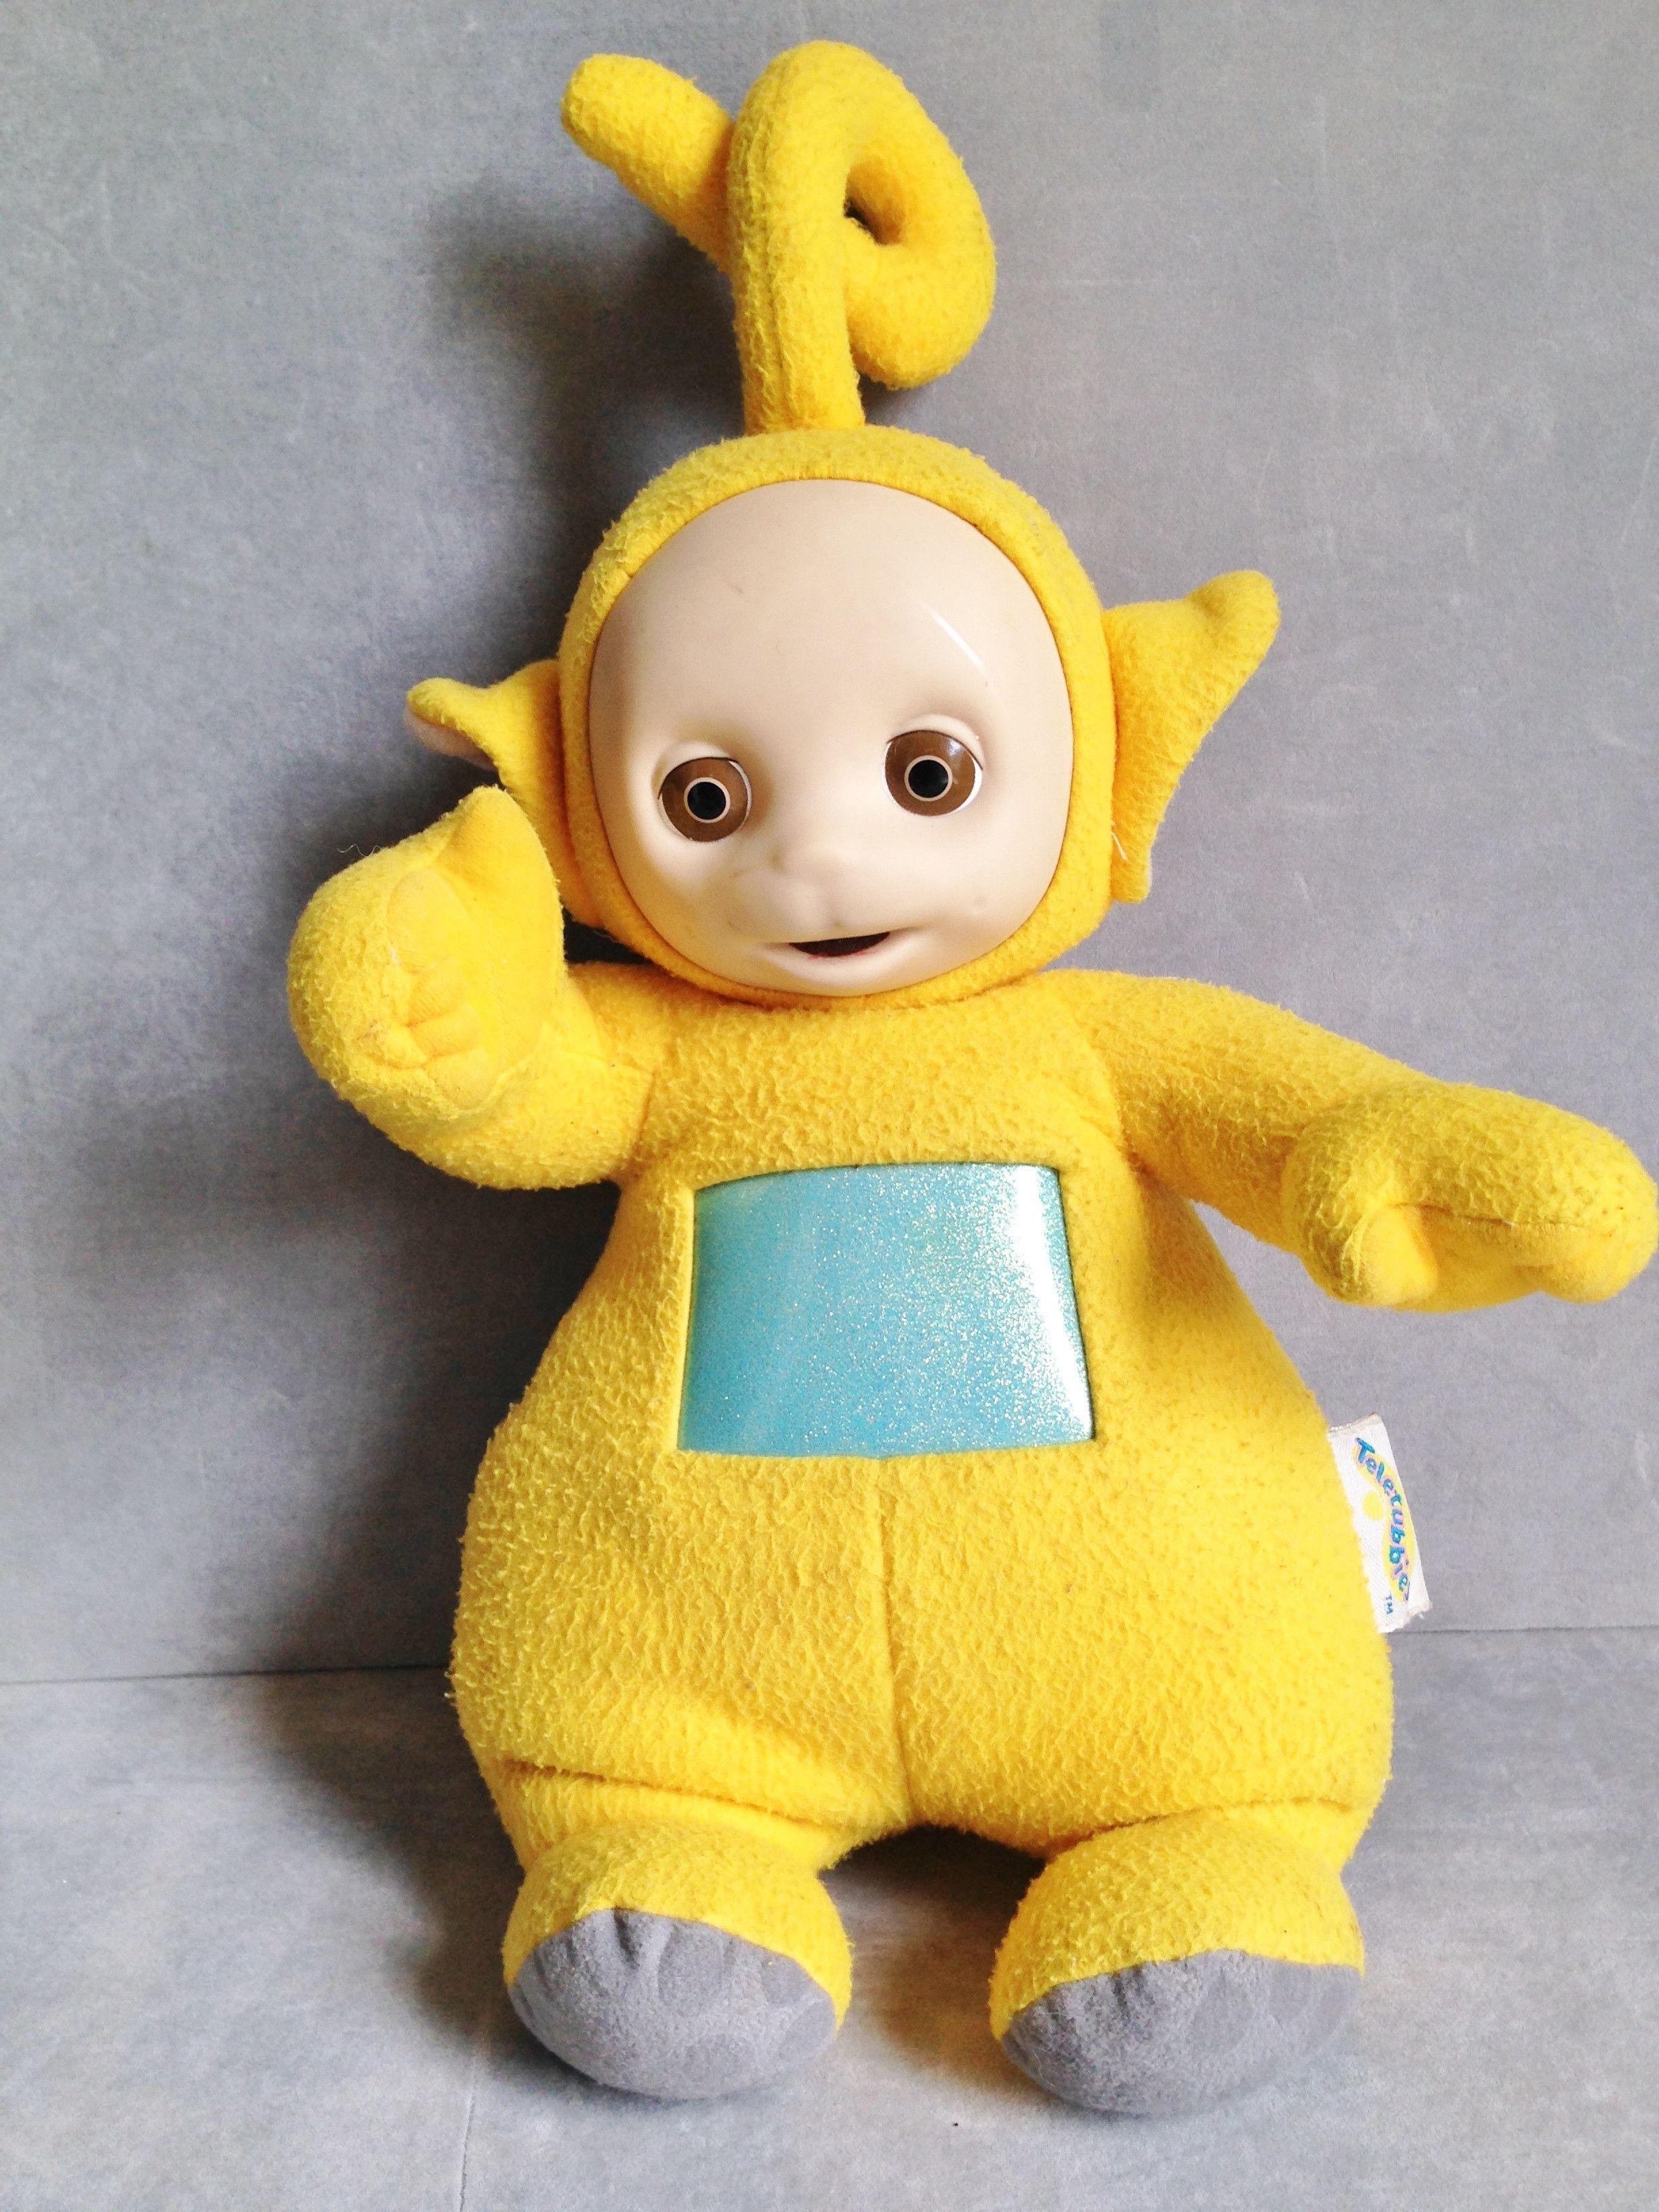 Teletubbies Talking Plush Laa Laa Soft Toy BRAND NEW